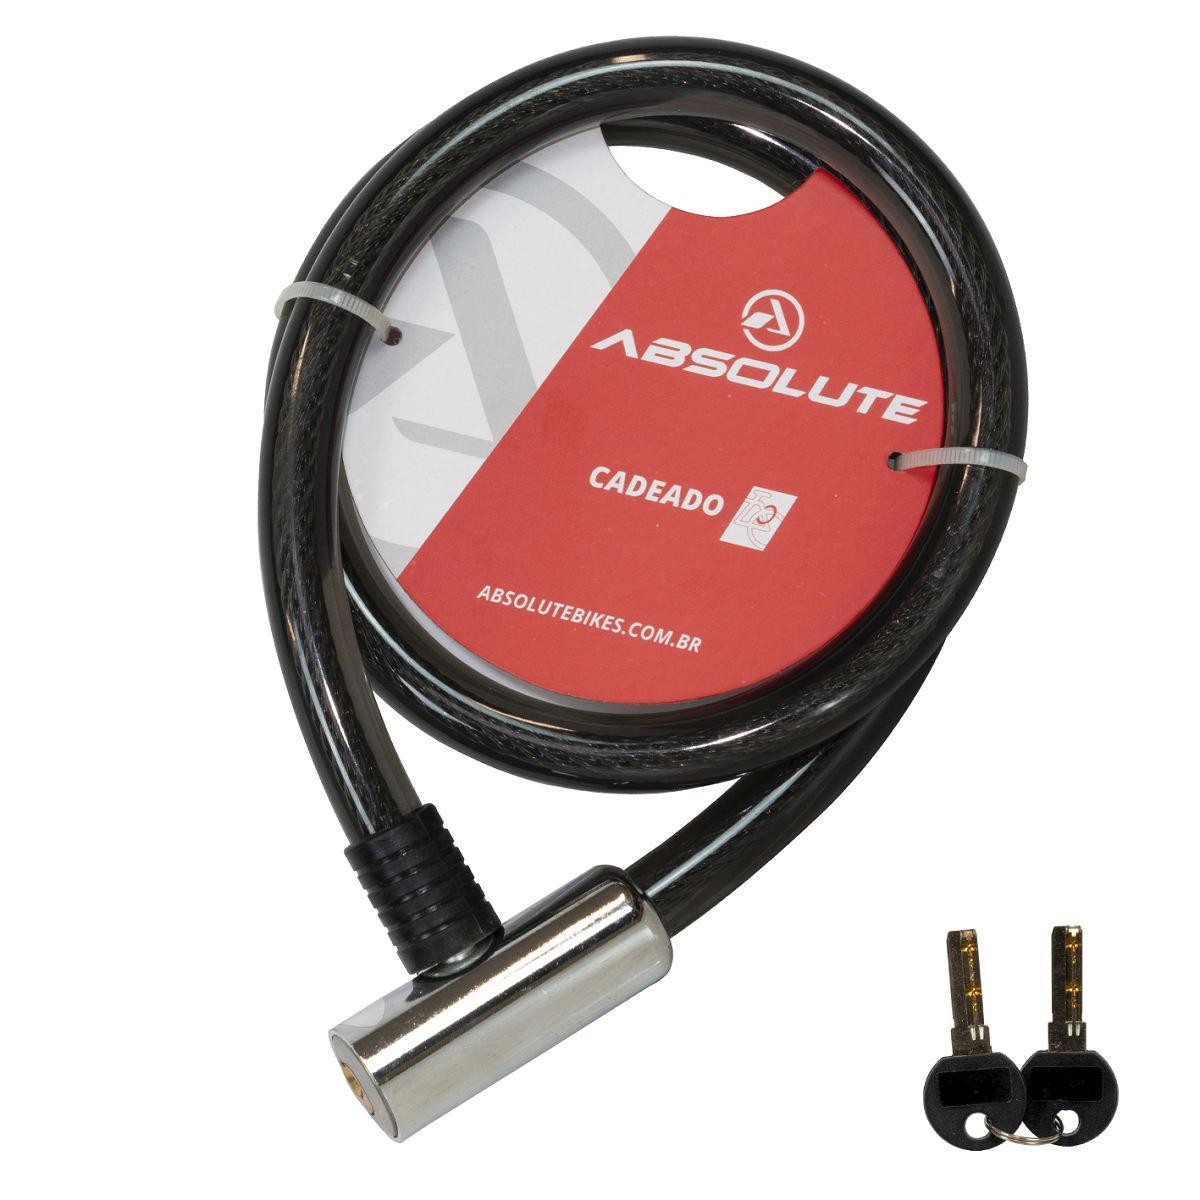 Cadeado Bike Moto Estepe Absolute 1,0mx18mm Com Chave